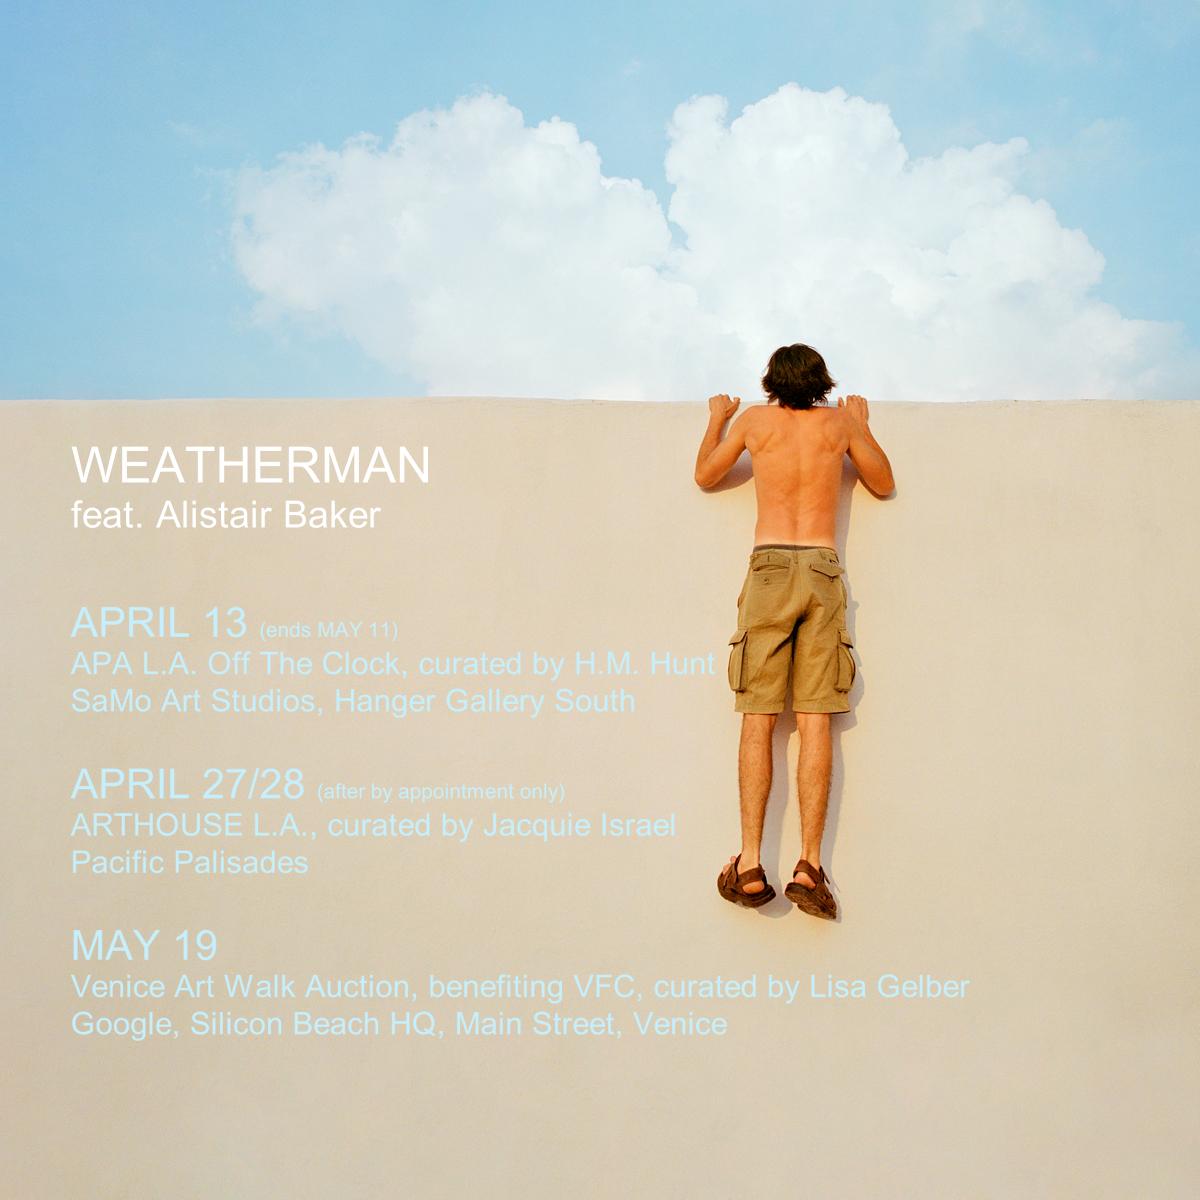 2019-04-11_Weatherman.jpg